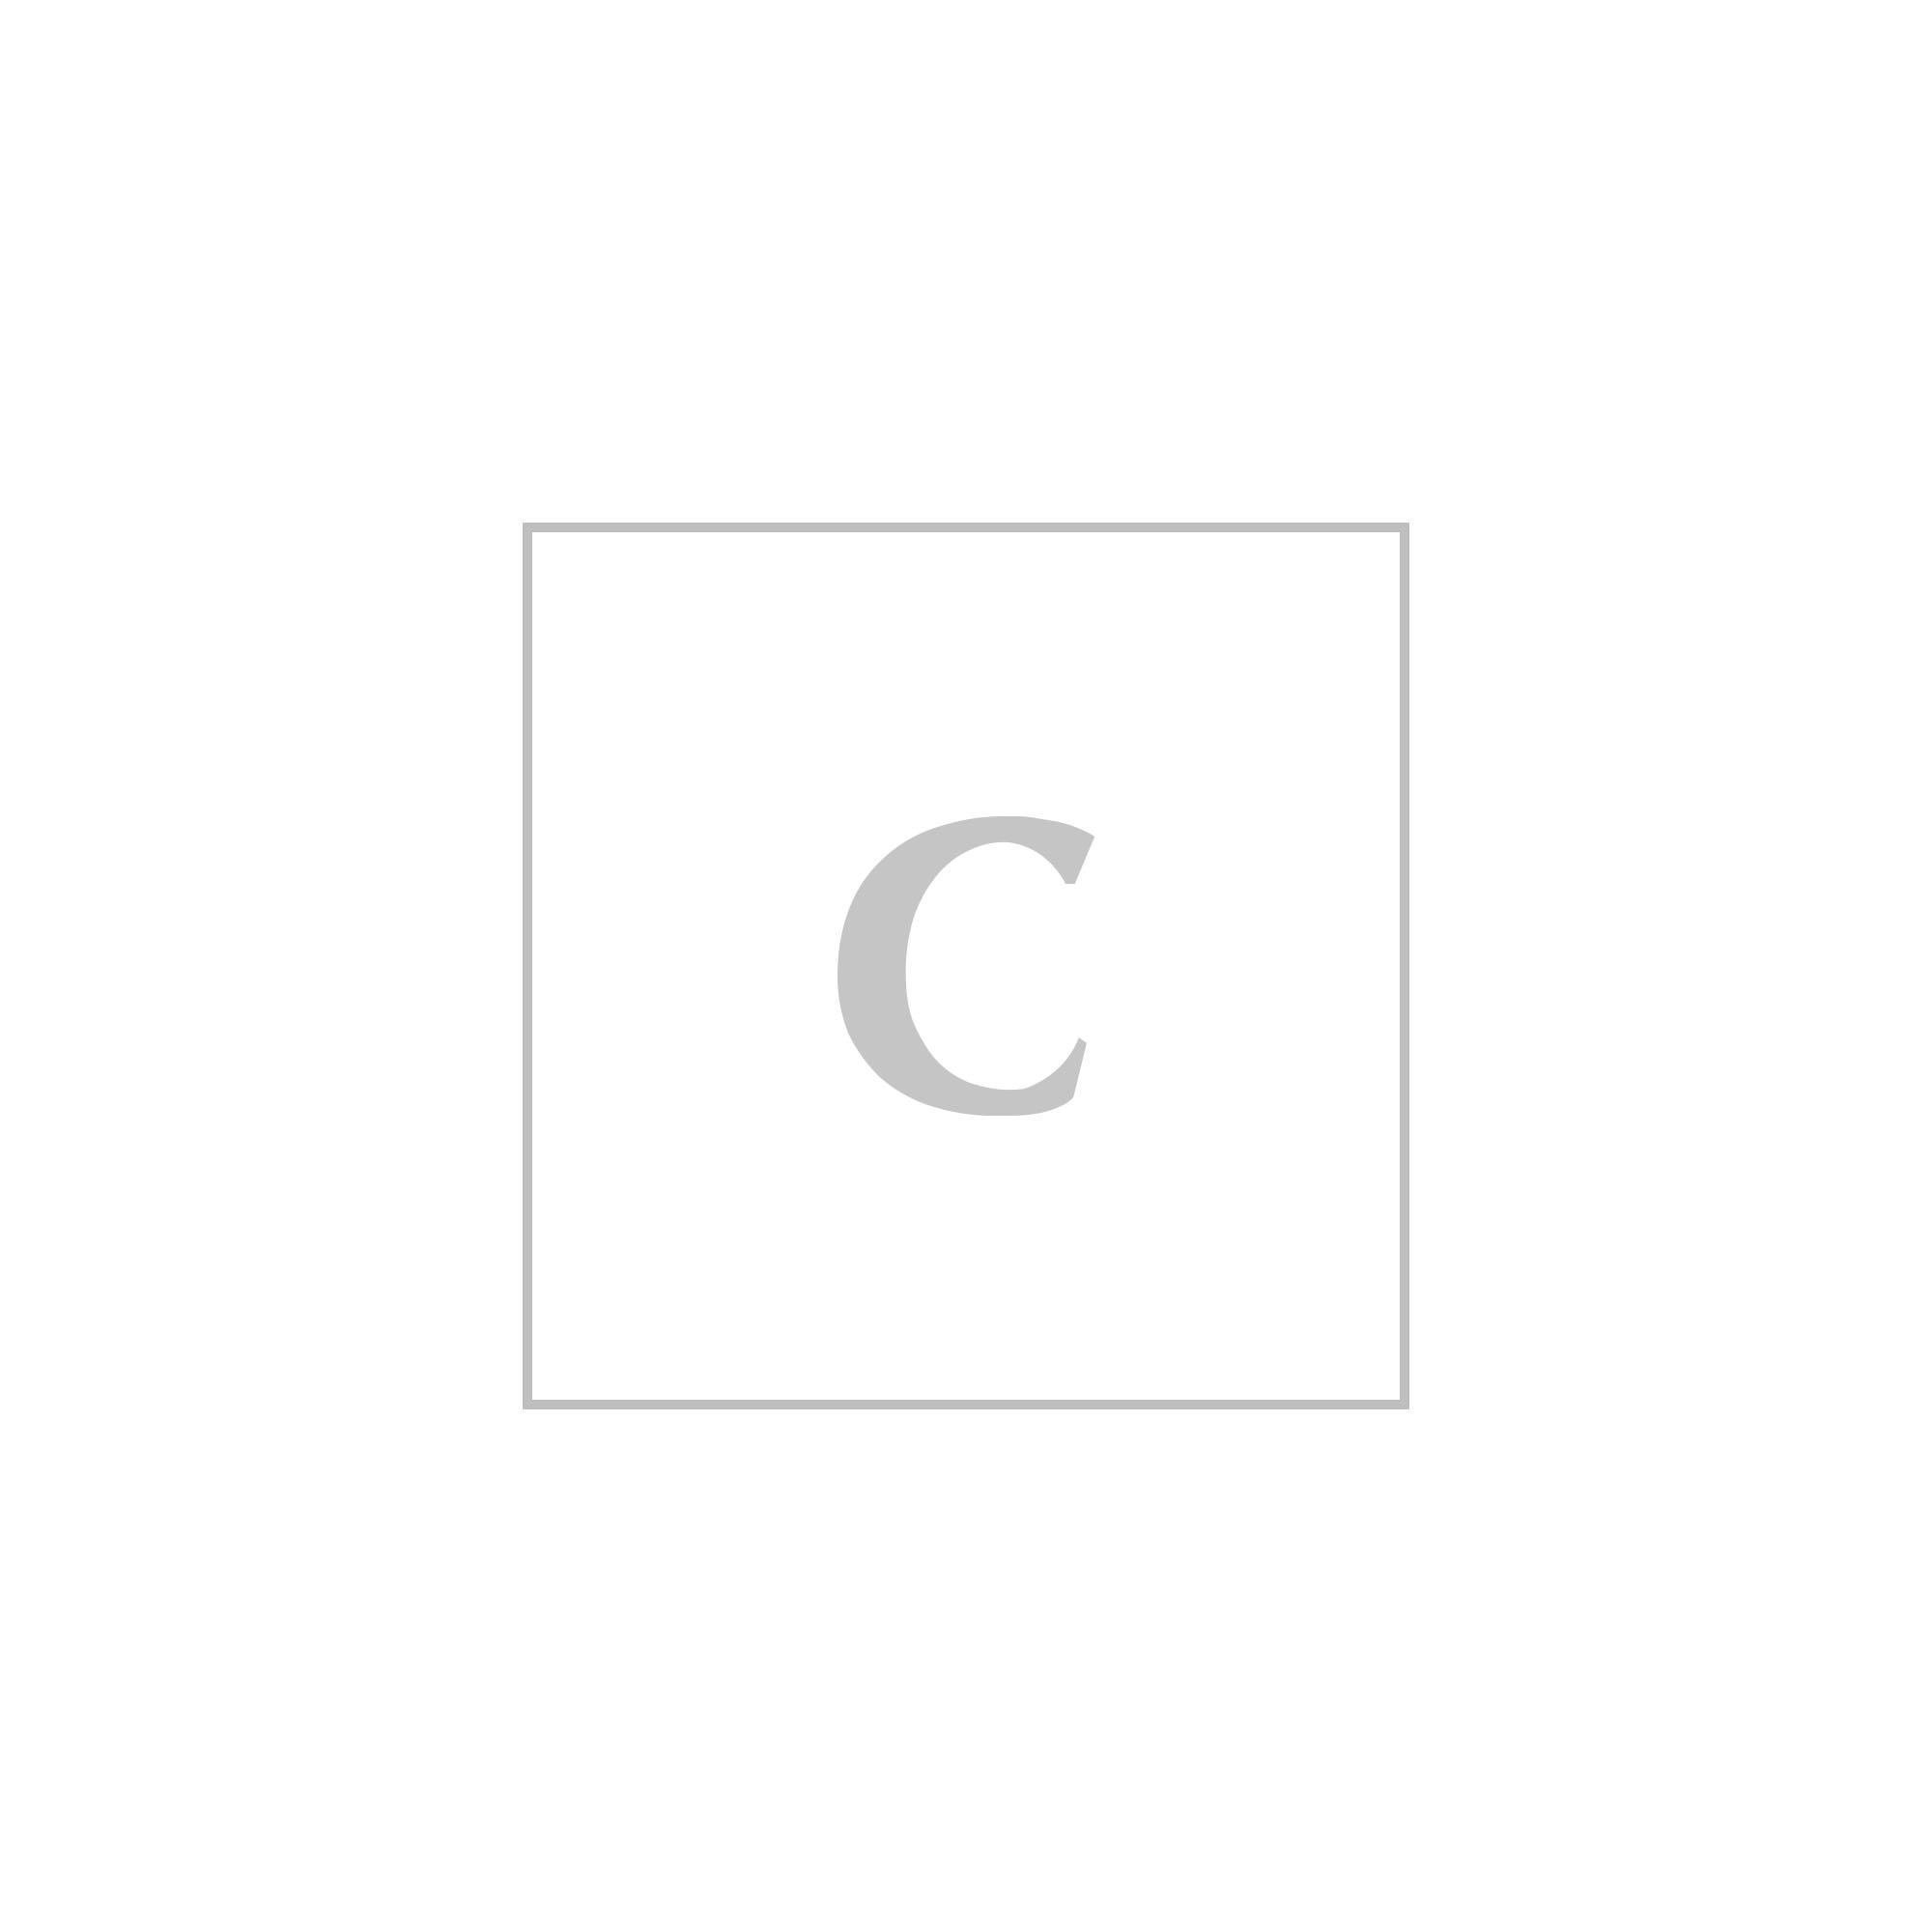 codice promozionale 39ad9 2ca57 Fendi Maglie da Donna Misto